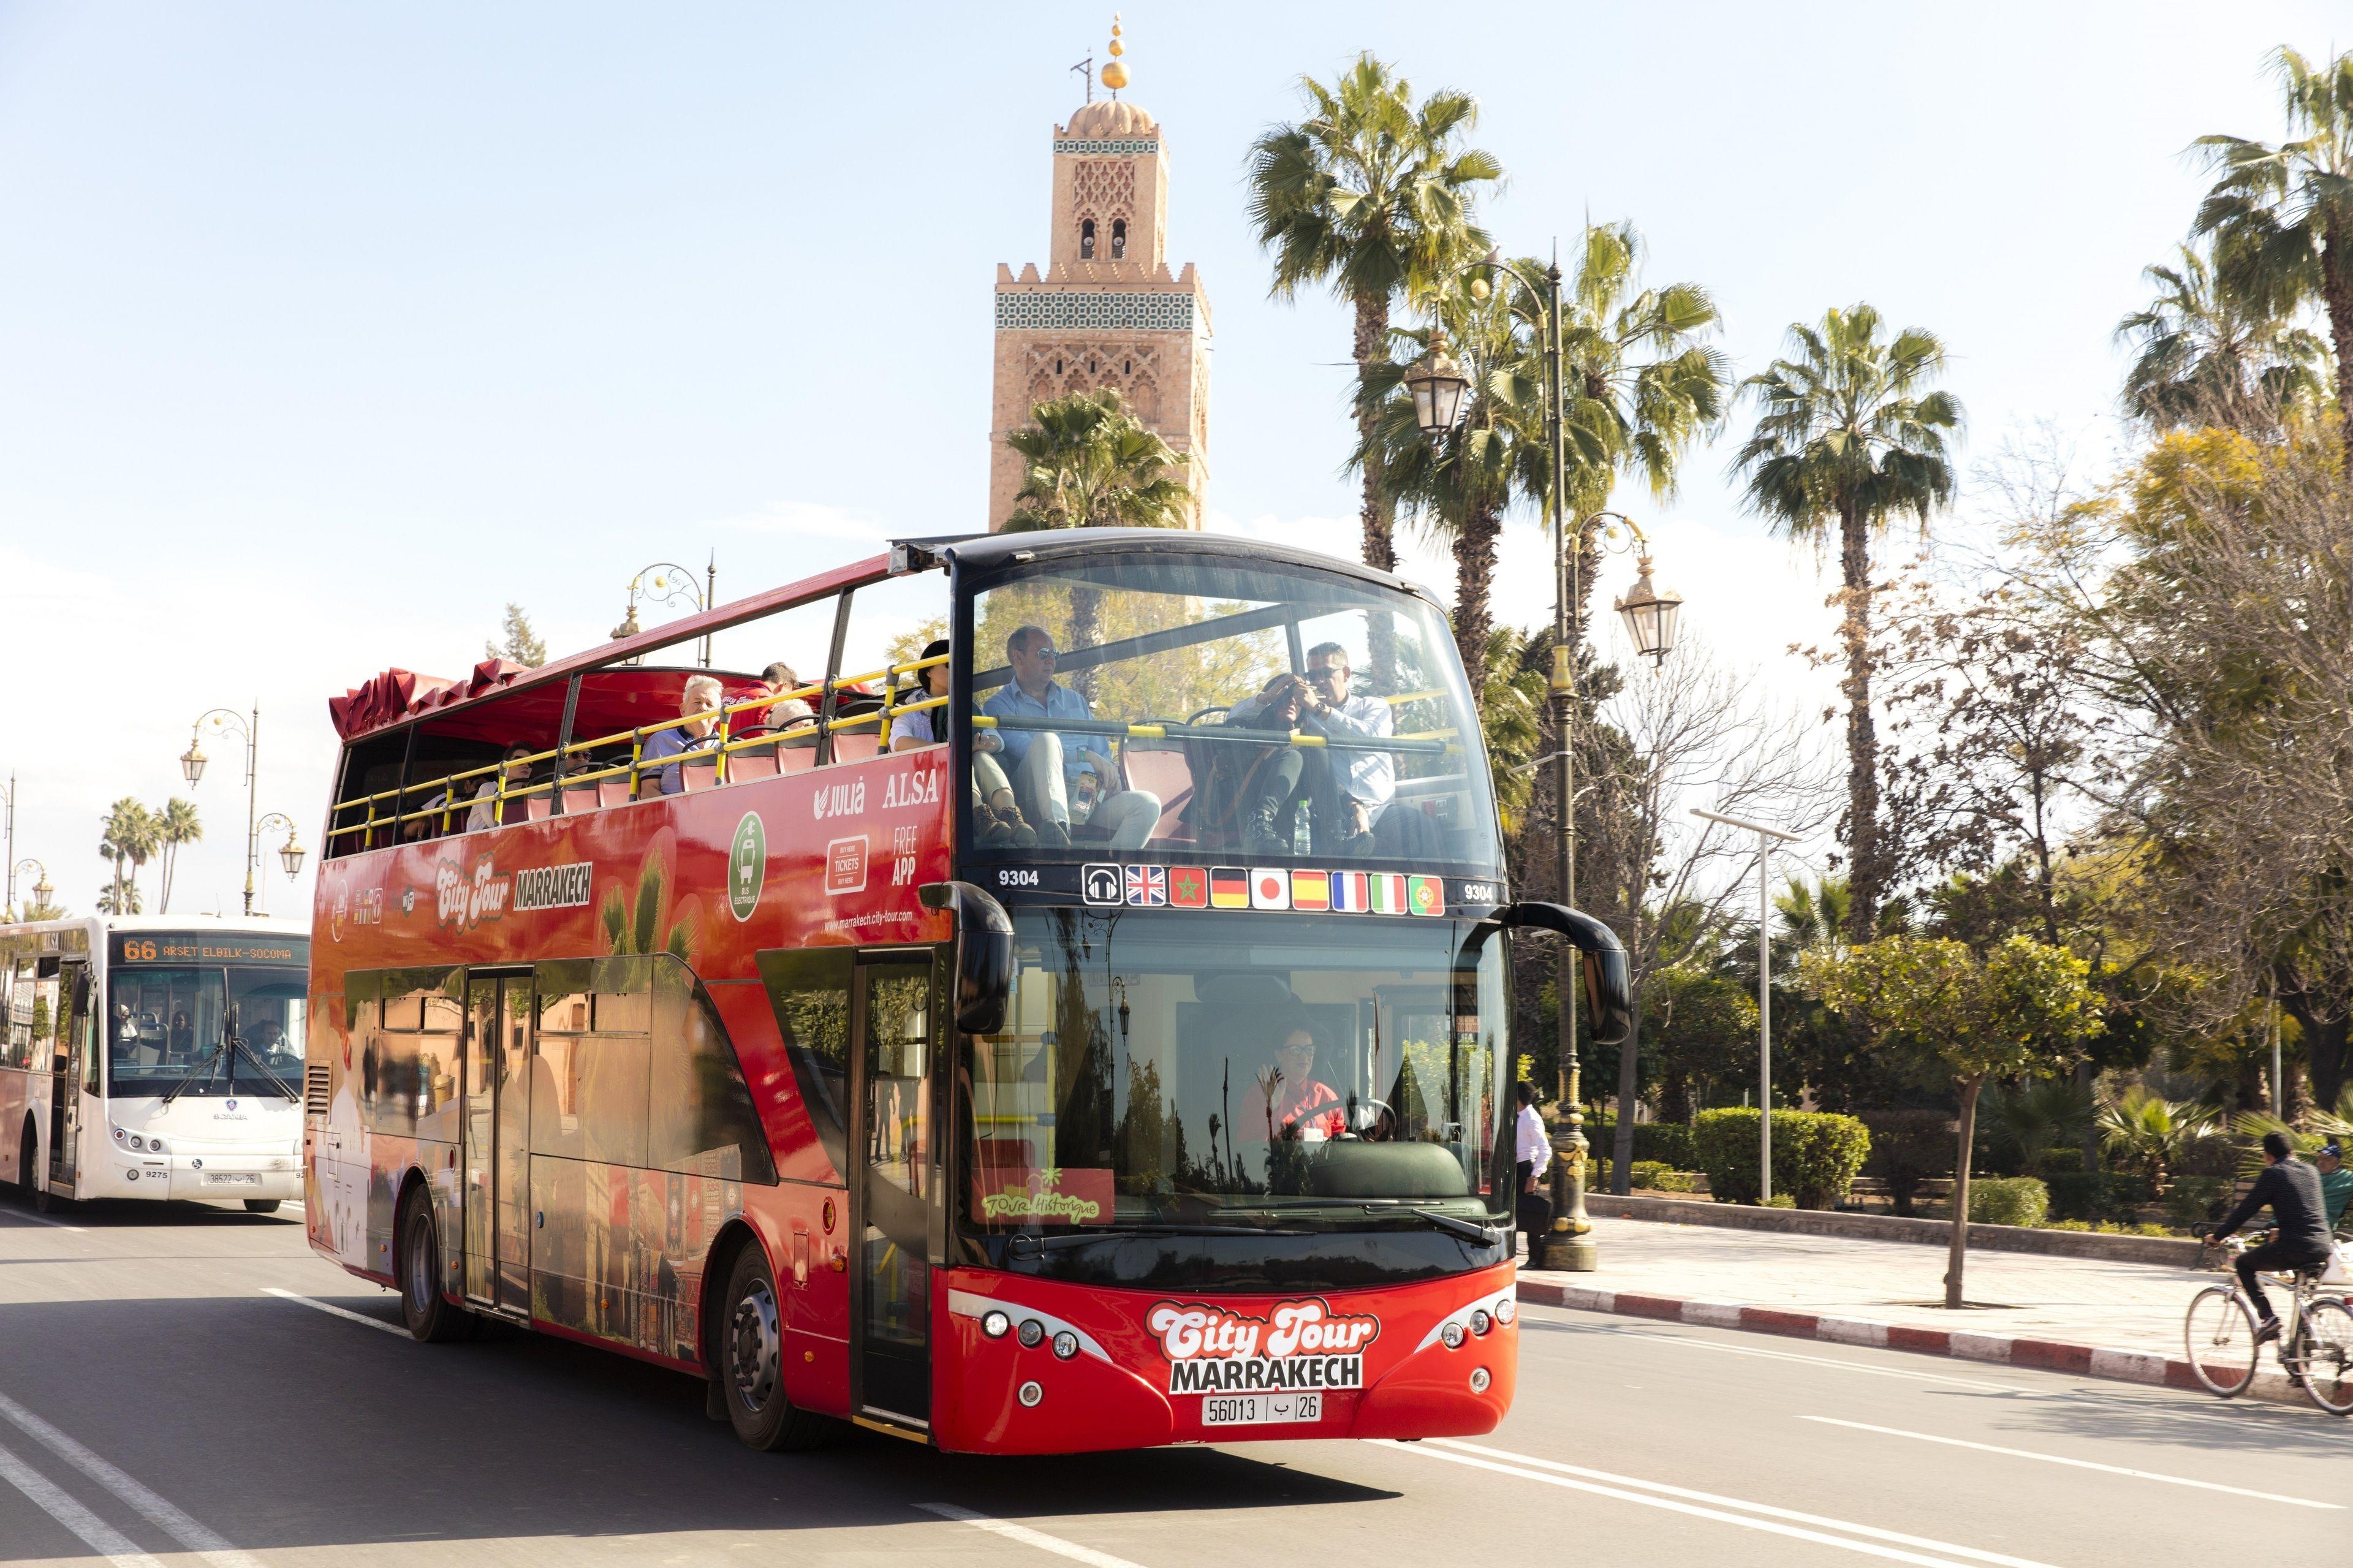 Marrakech City Tour Hop On-Hop Off and Quad Bike